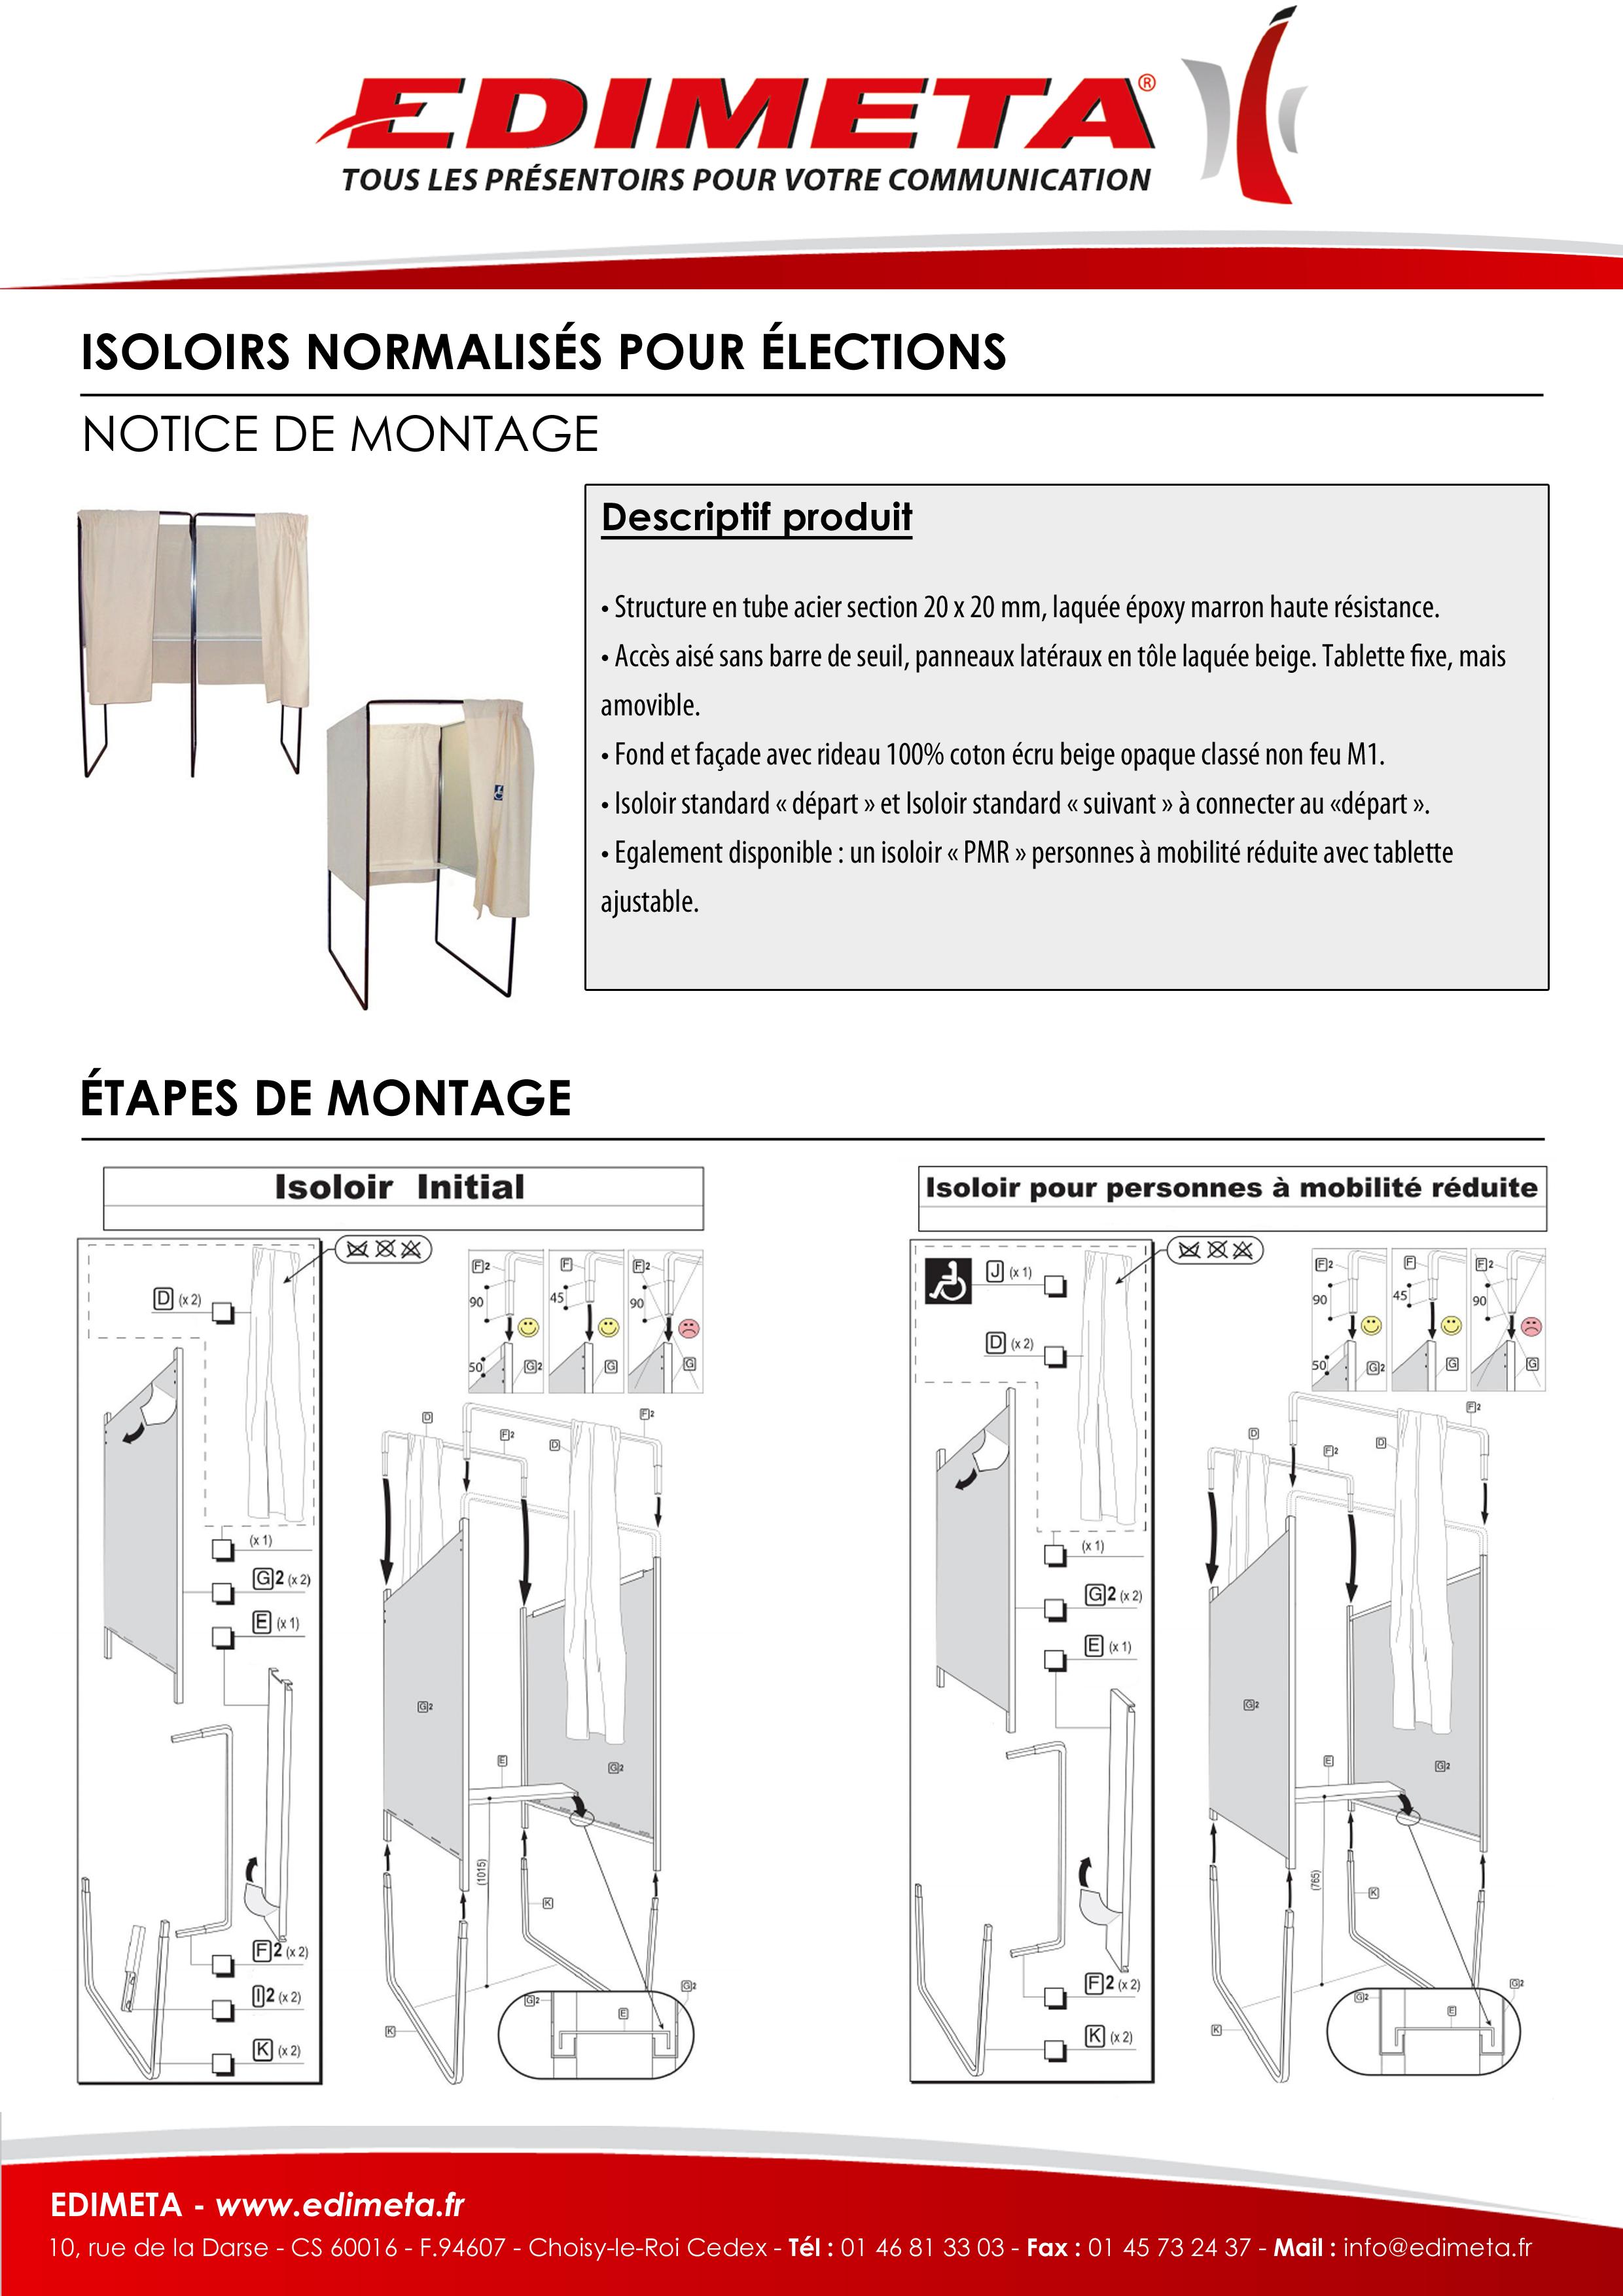 NOTICE DE MONTAGE : ISOLOIRS NORMALISÉS POUR ÉLECTIONS